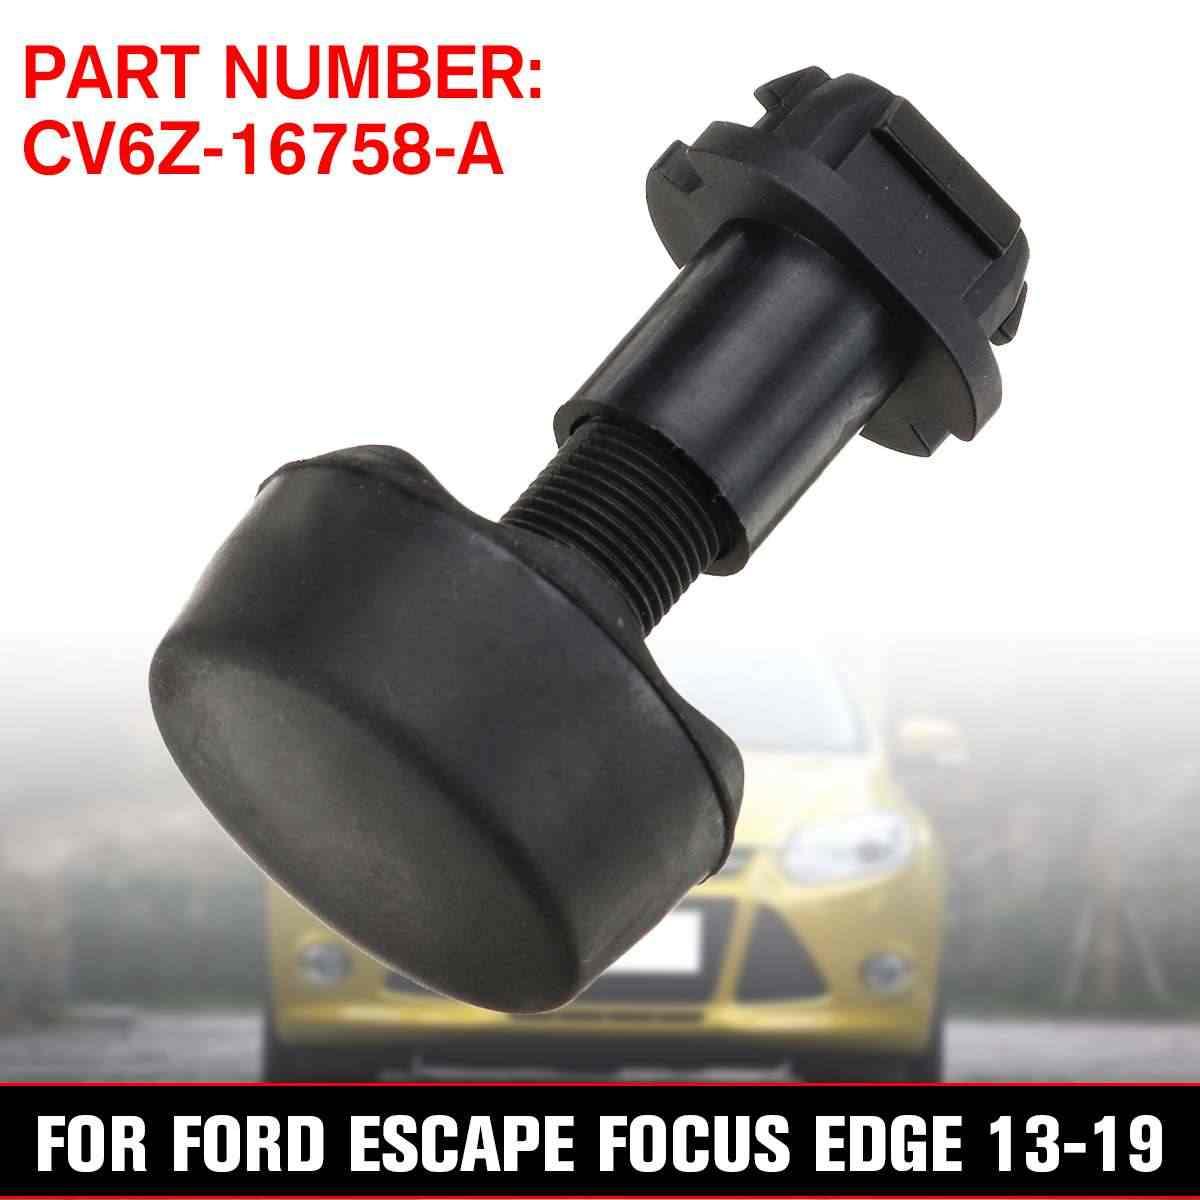 Capa parar almofada de borracha amortecedor cv6z16758a para ford escape focus edge 2013-2019